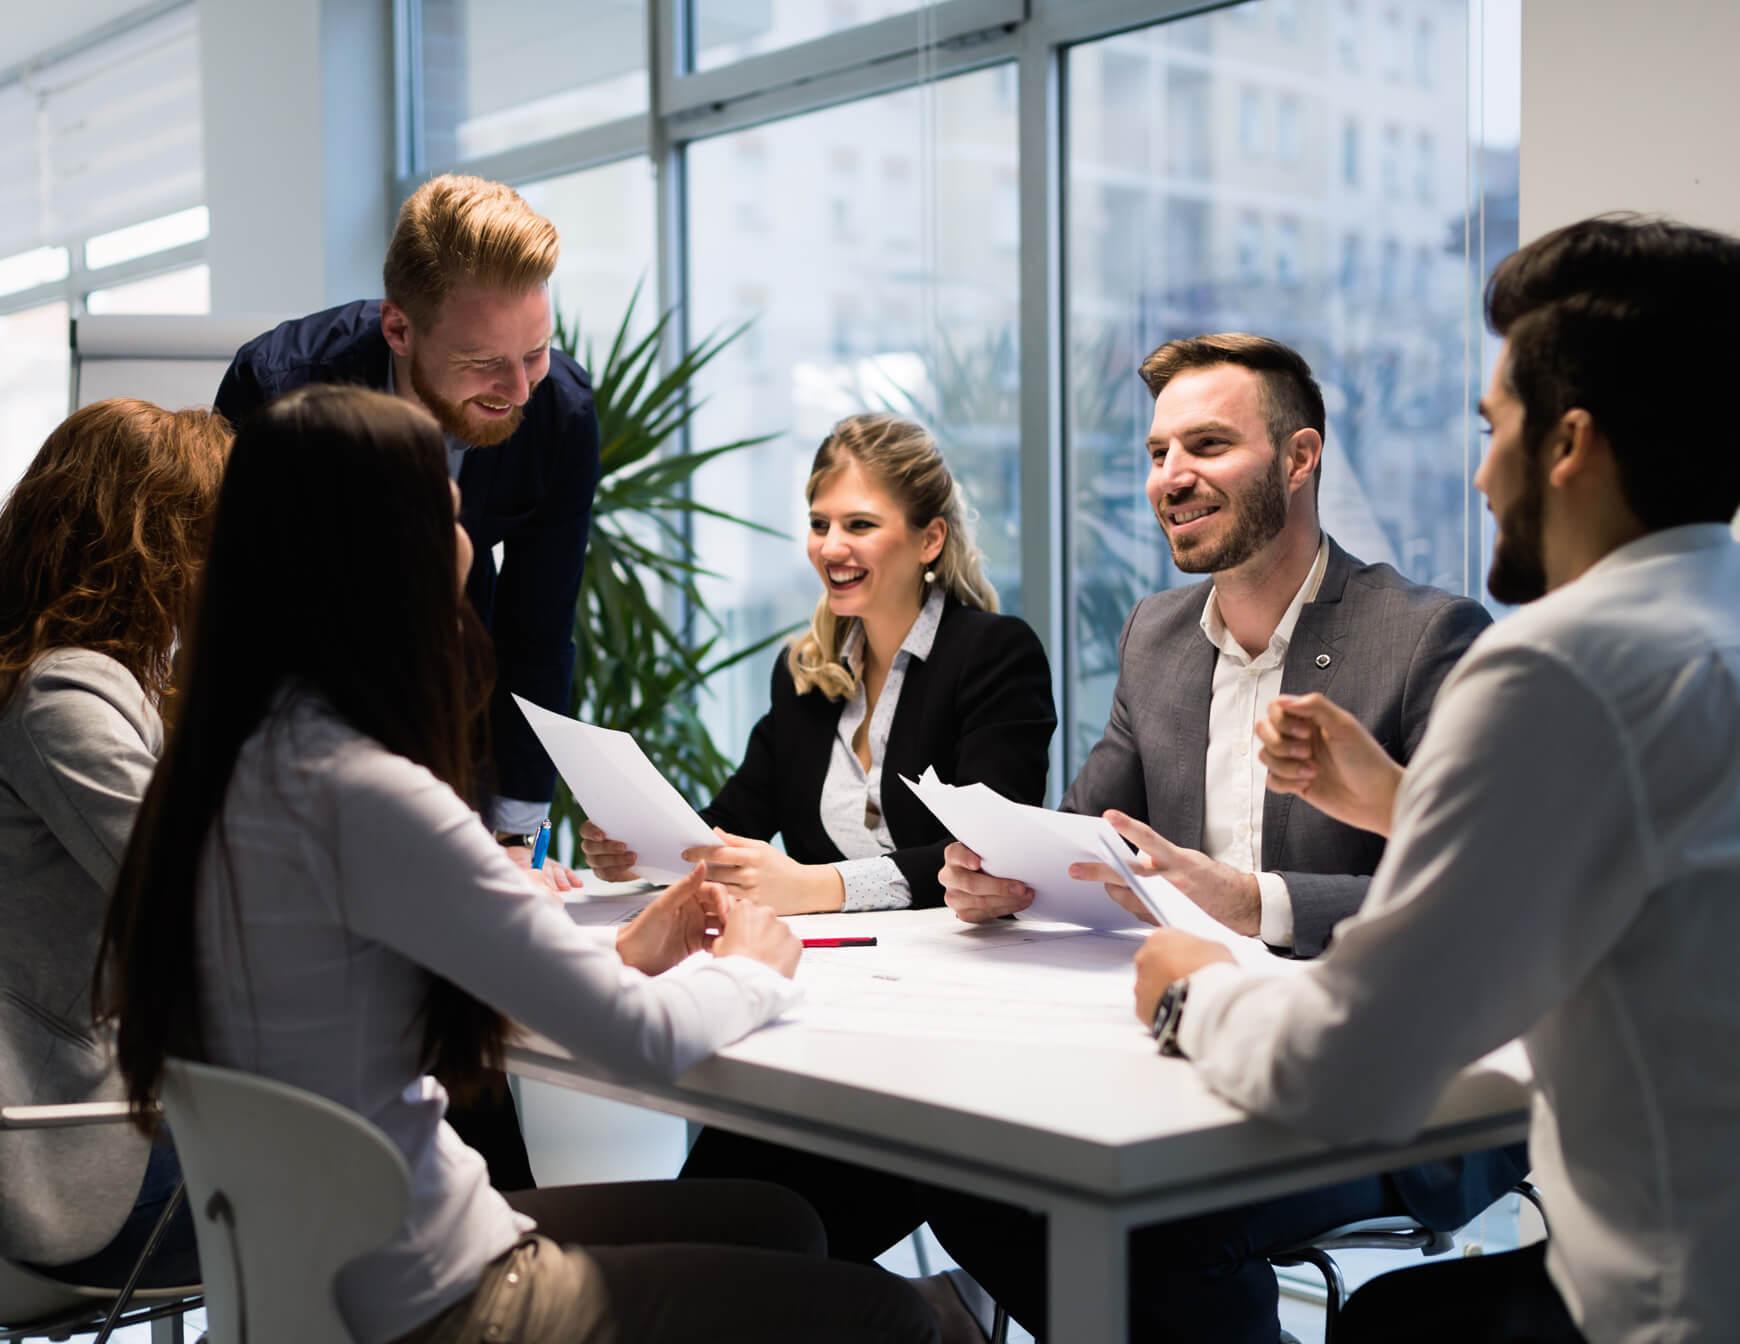 Укрепите позиции своего бизнеса и качество обслуживания клиентов с помощью Avast